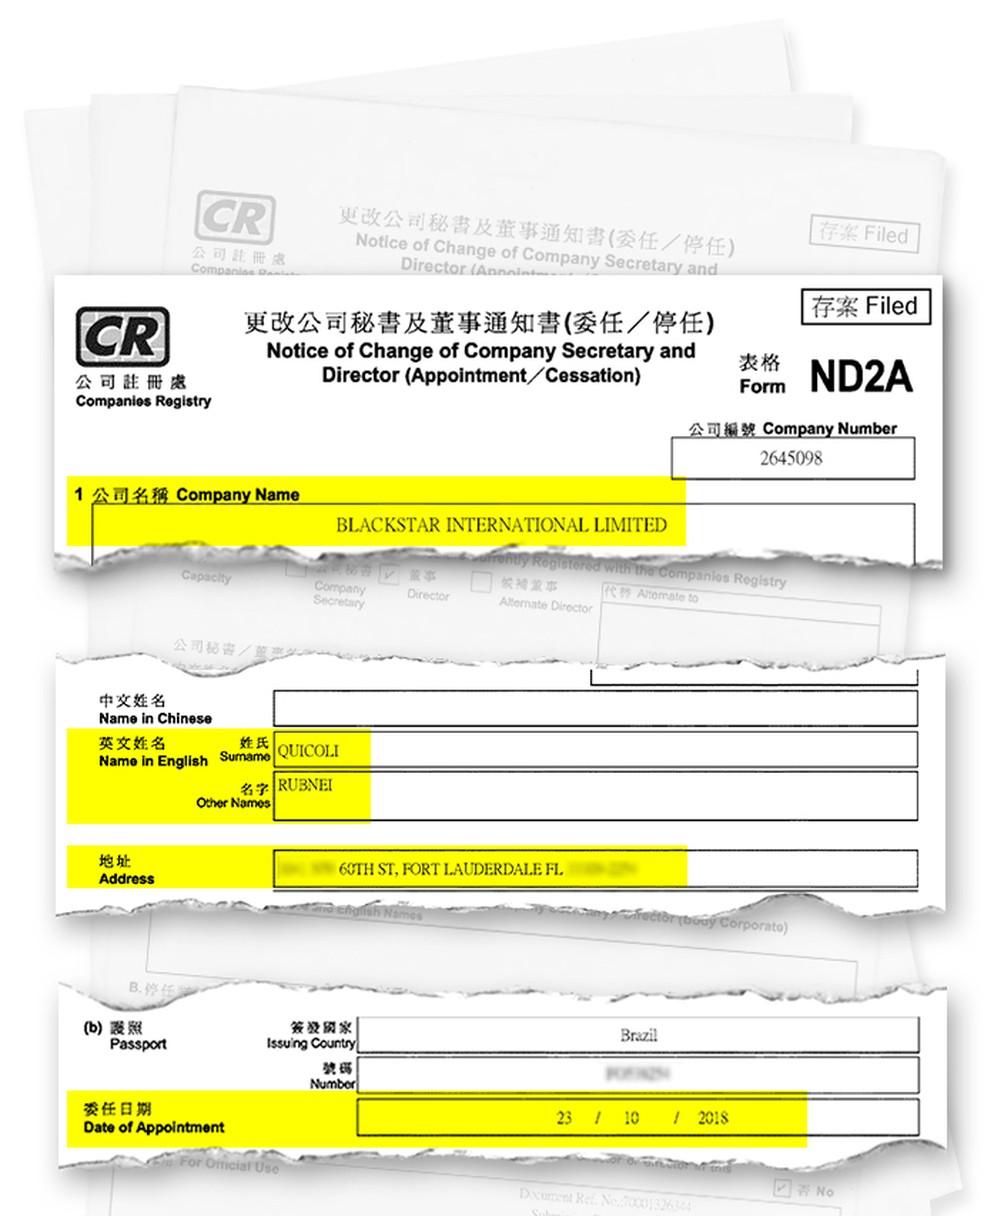 Documento de Hong Kong mostra entrada de Quícoli na Blackstar em 23 de outubro de 2018 — Foto: Reprodução